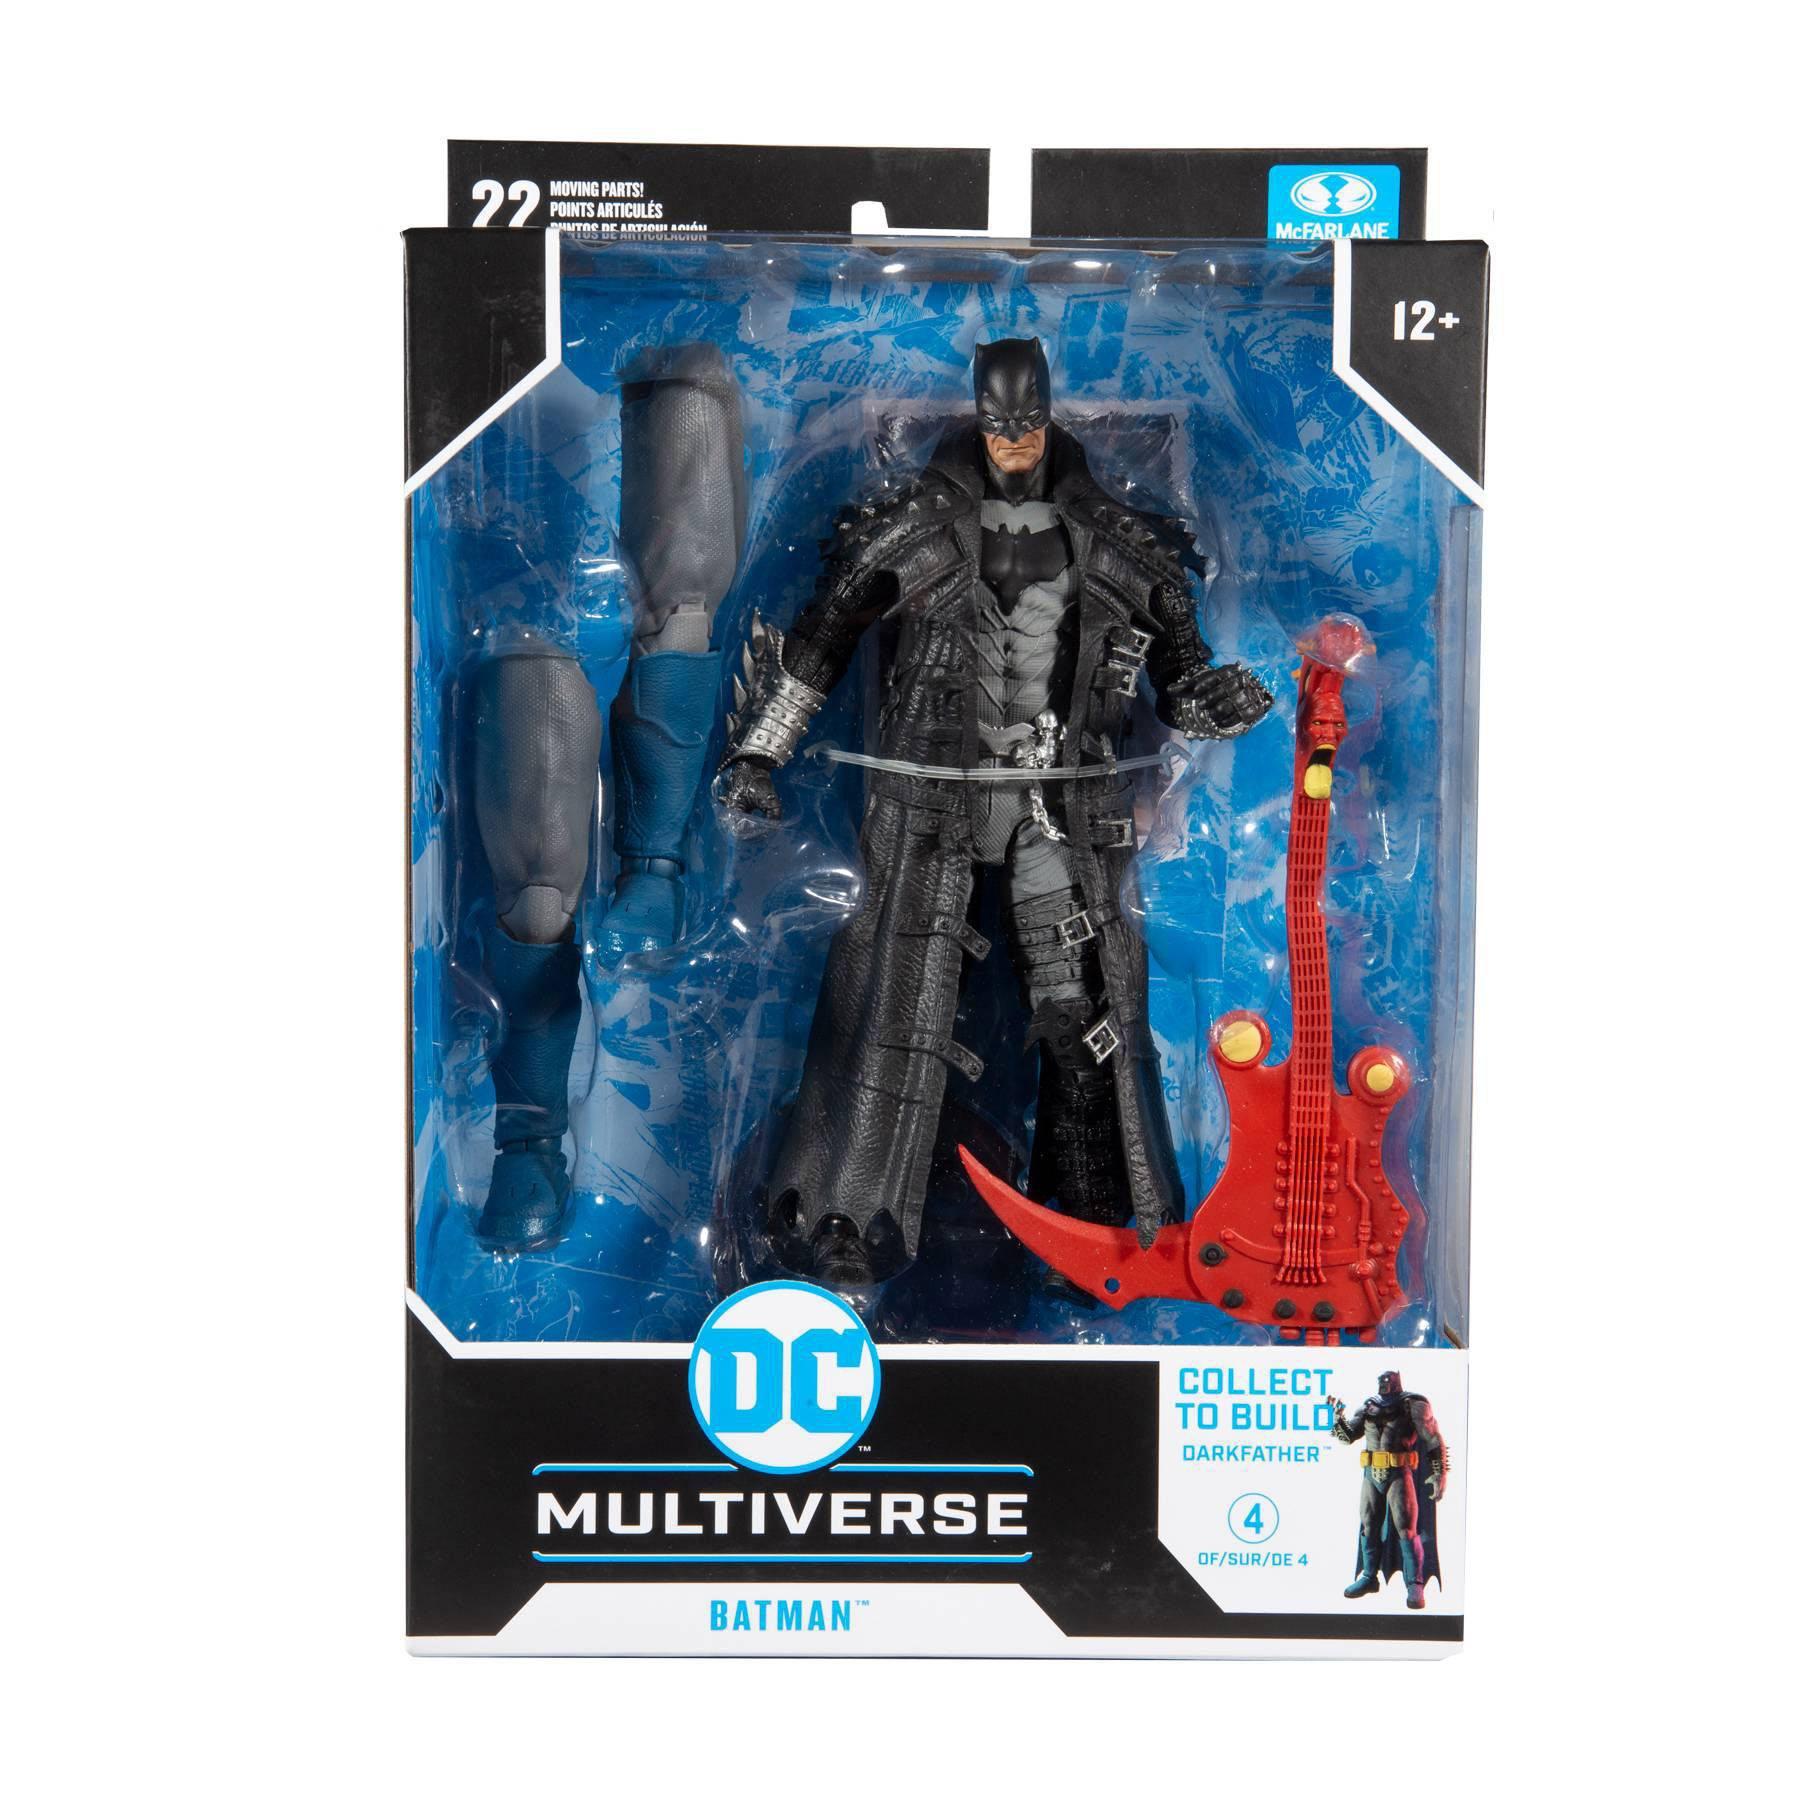 DC Multiverse Build A Actionfigur Batman 18 cm MCF15416-0 787926154160